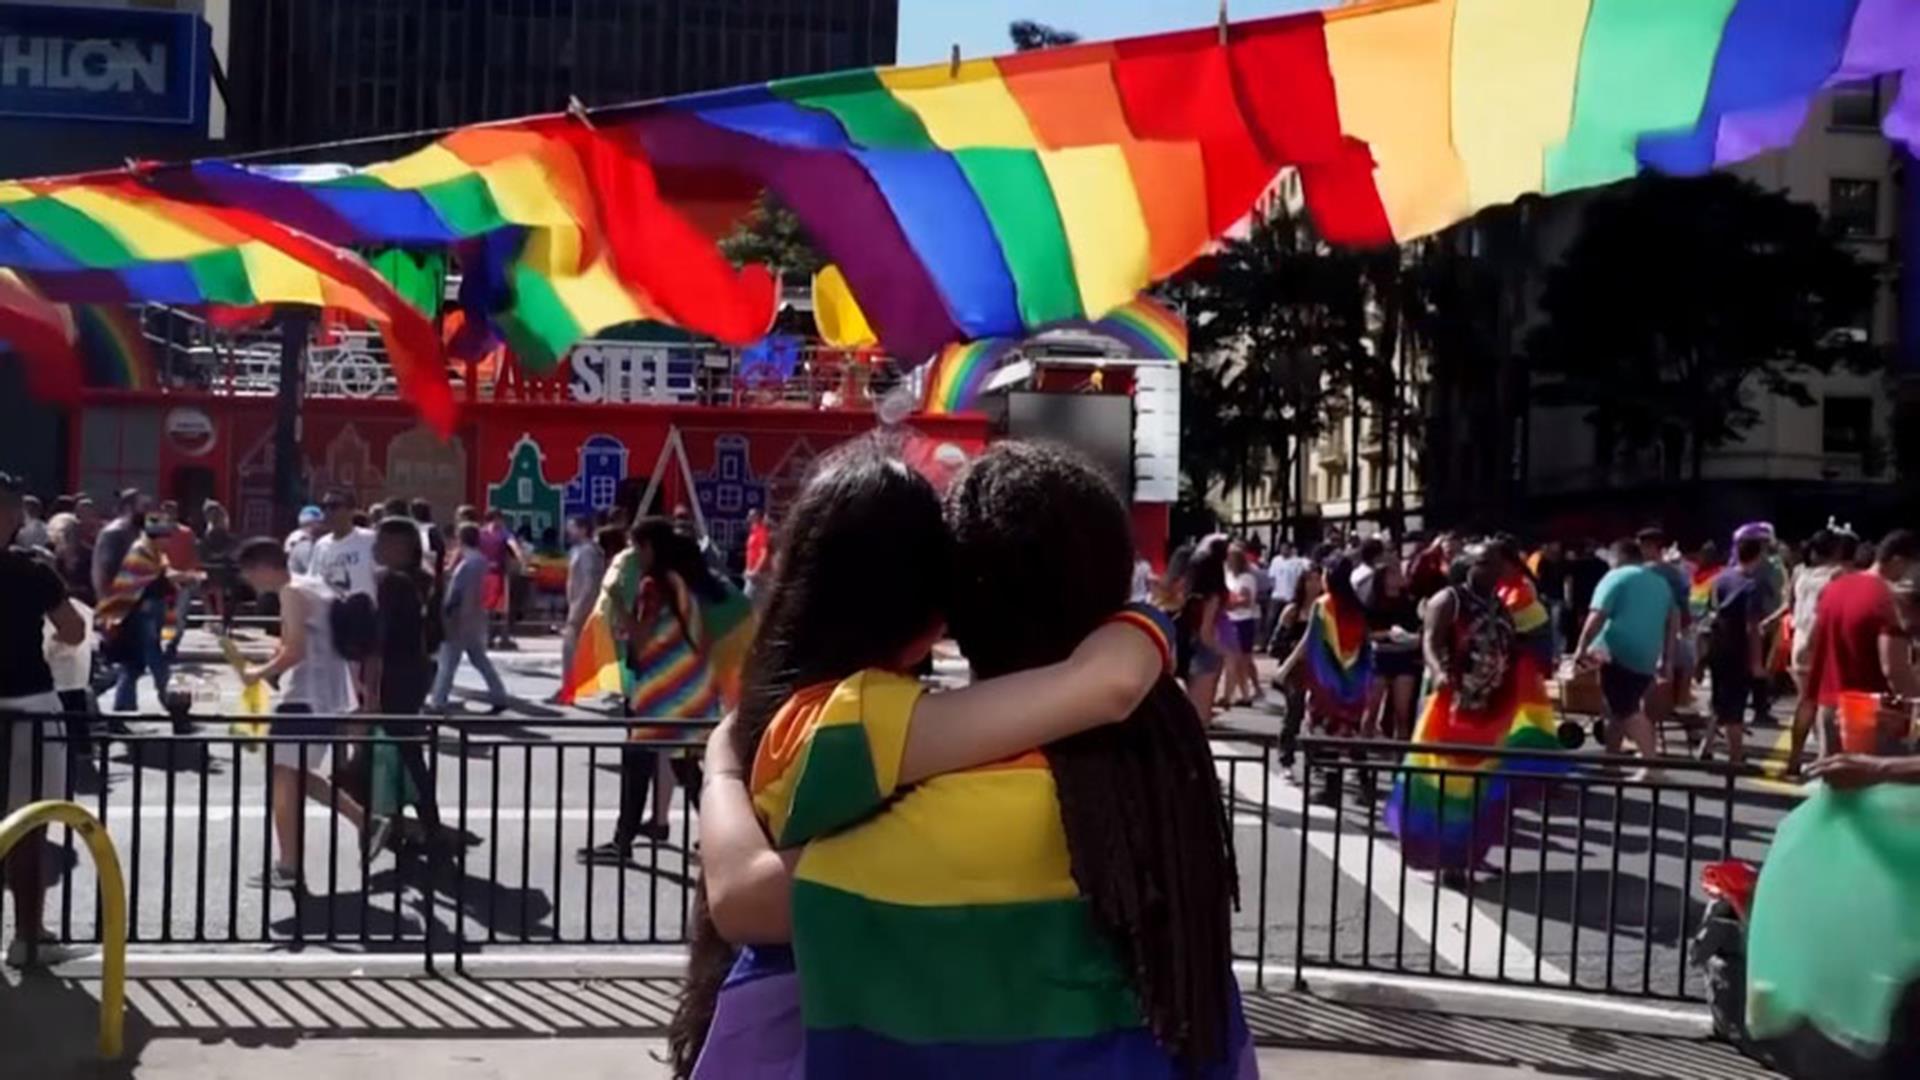 Massive crowds attend São Paulo Pride Parade in Brazil